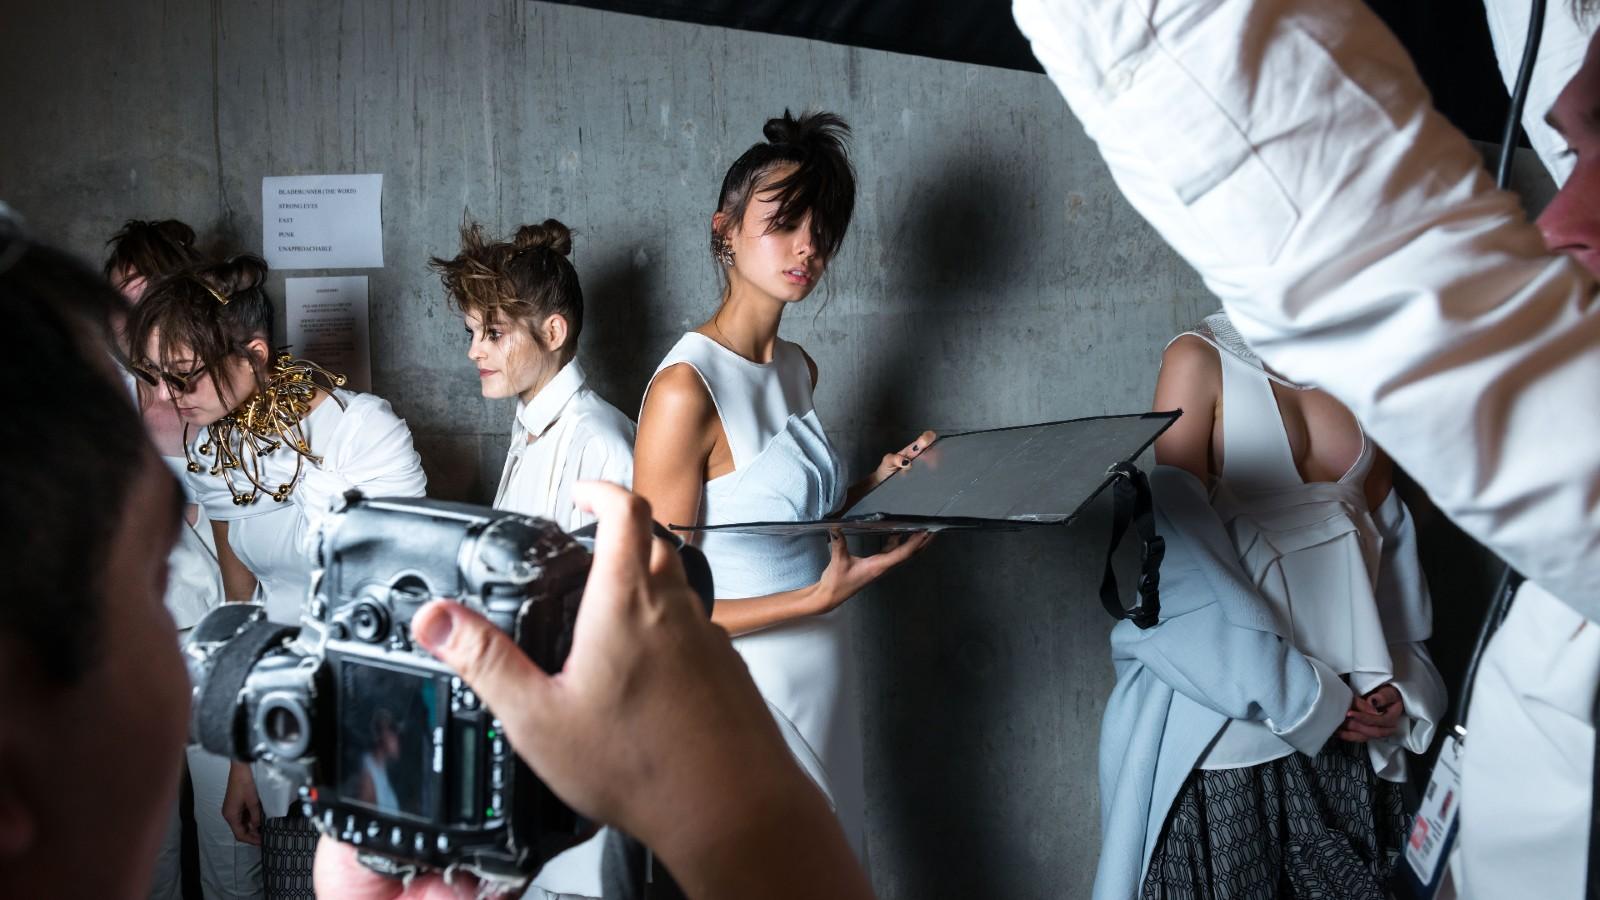 Fotógrafo de Moda: Información Completa para Iniciarte en esta Disciplina